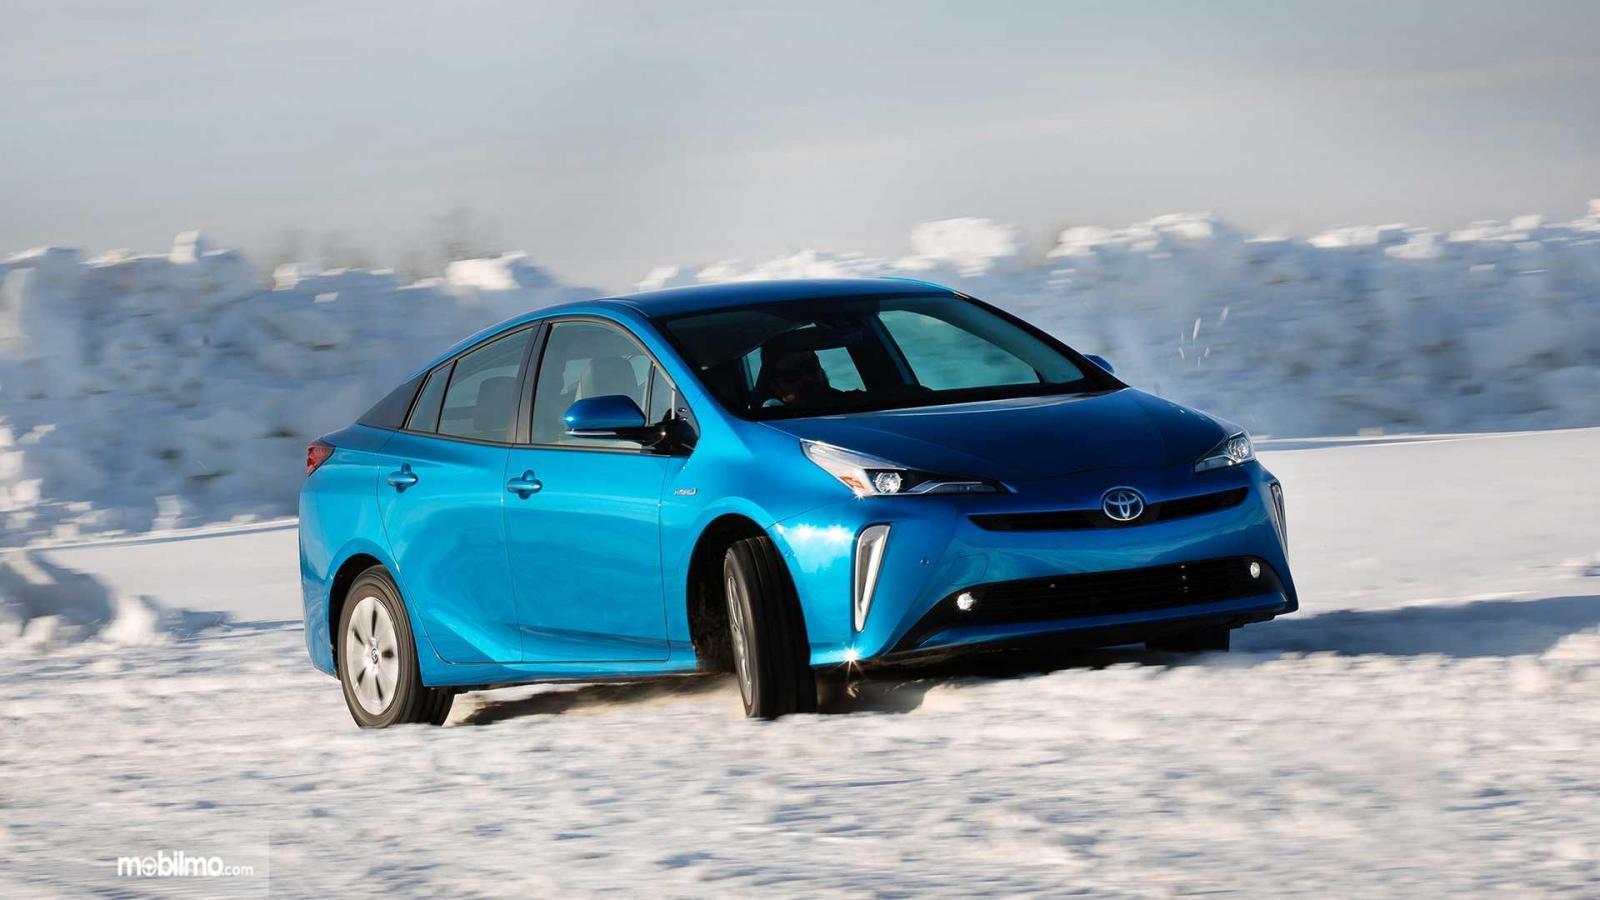 Toyota Prius 2019 berwarna biru di salju